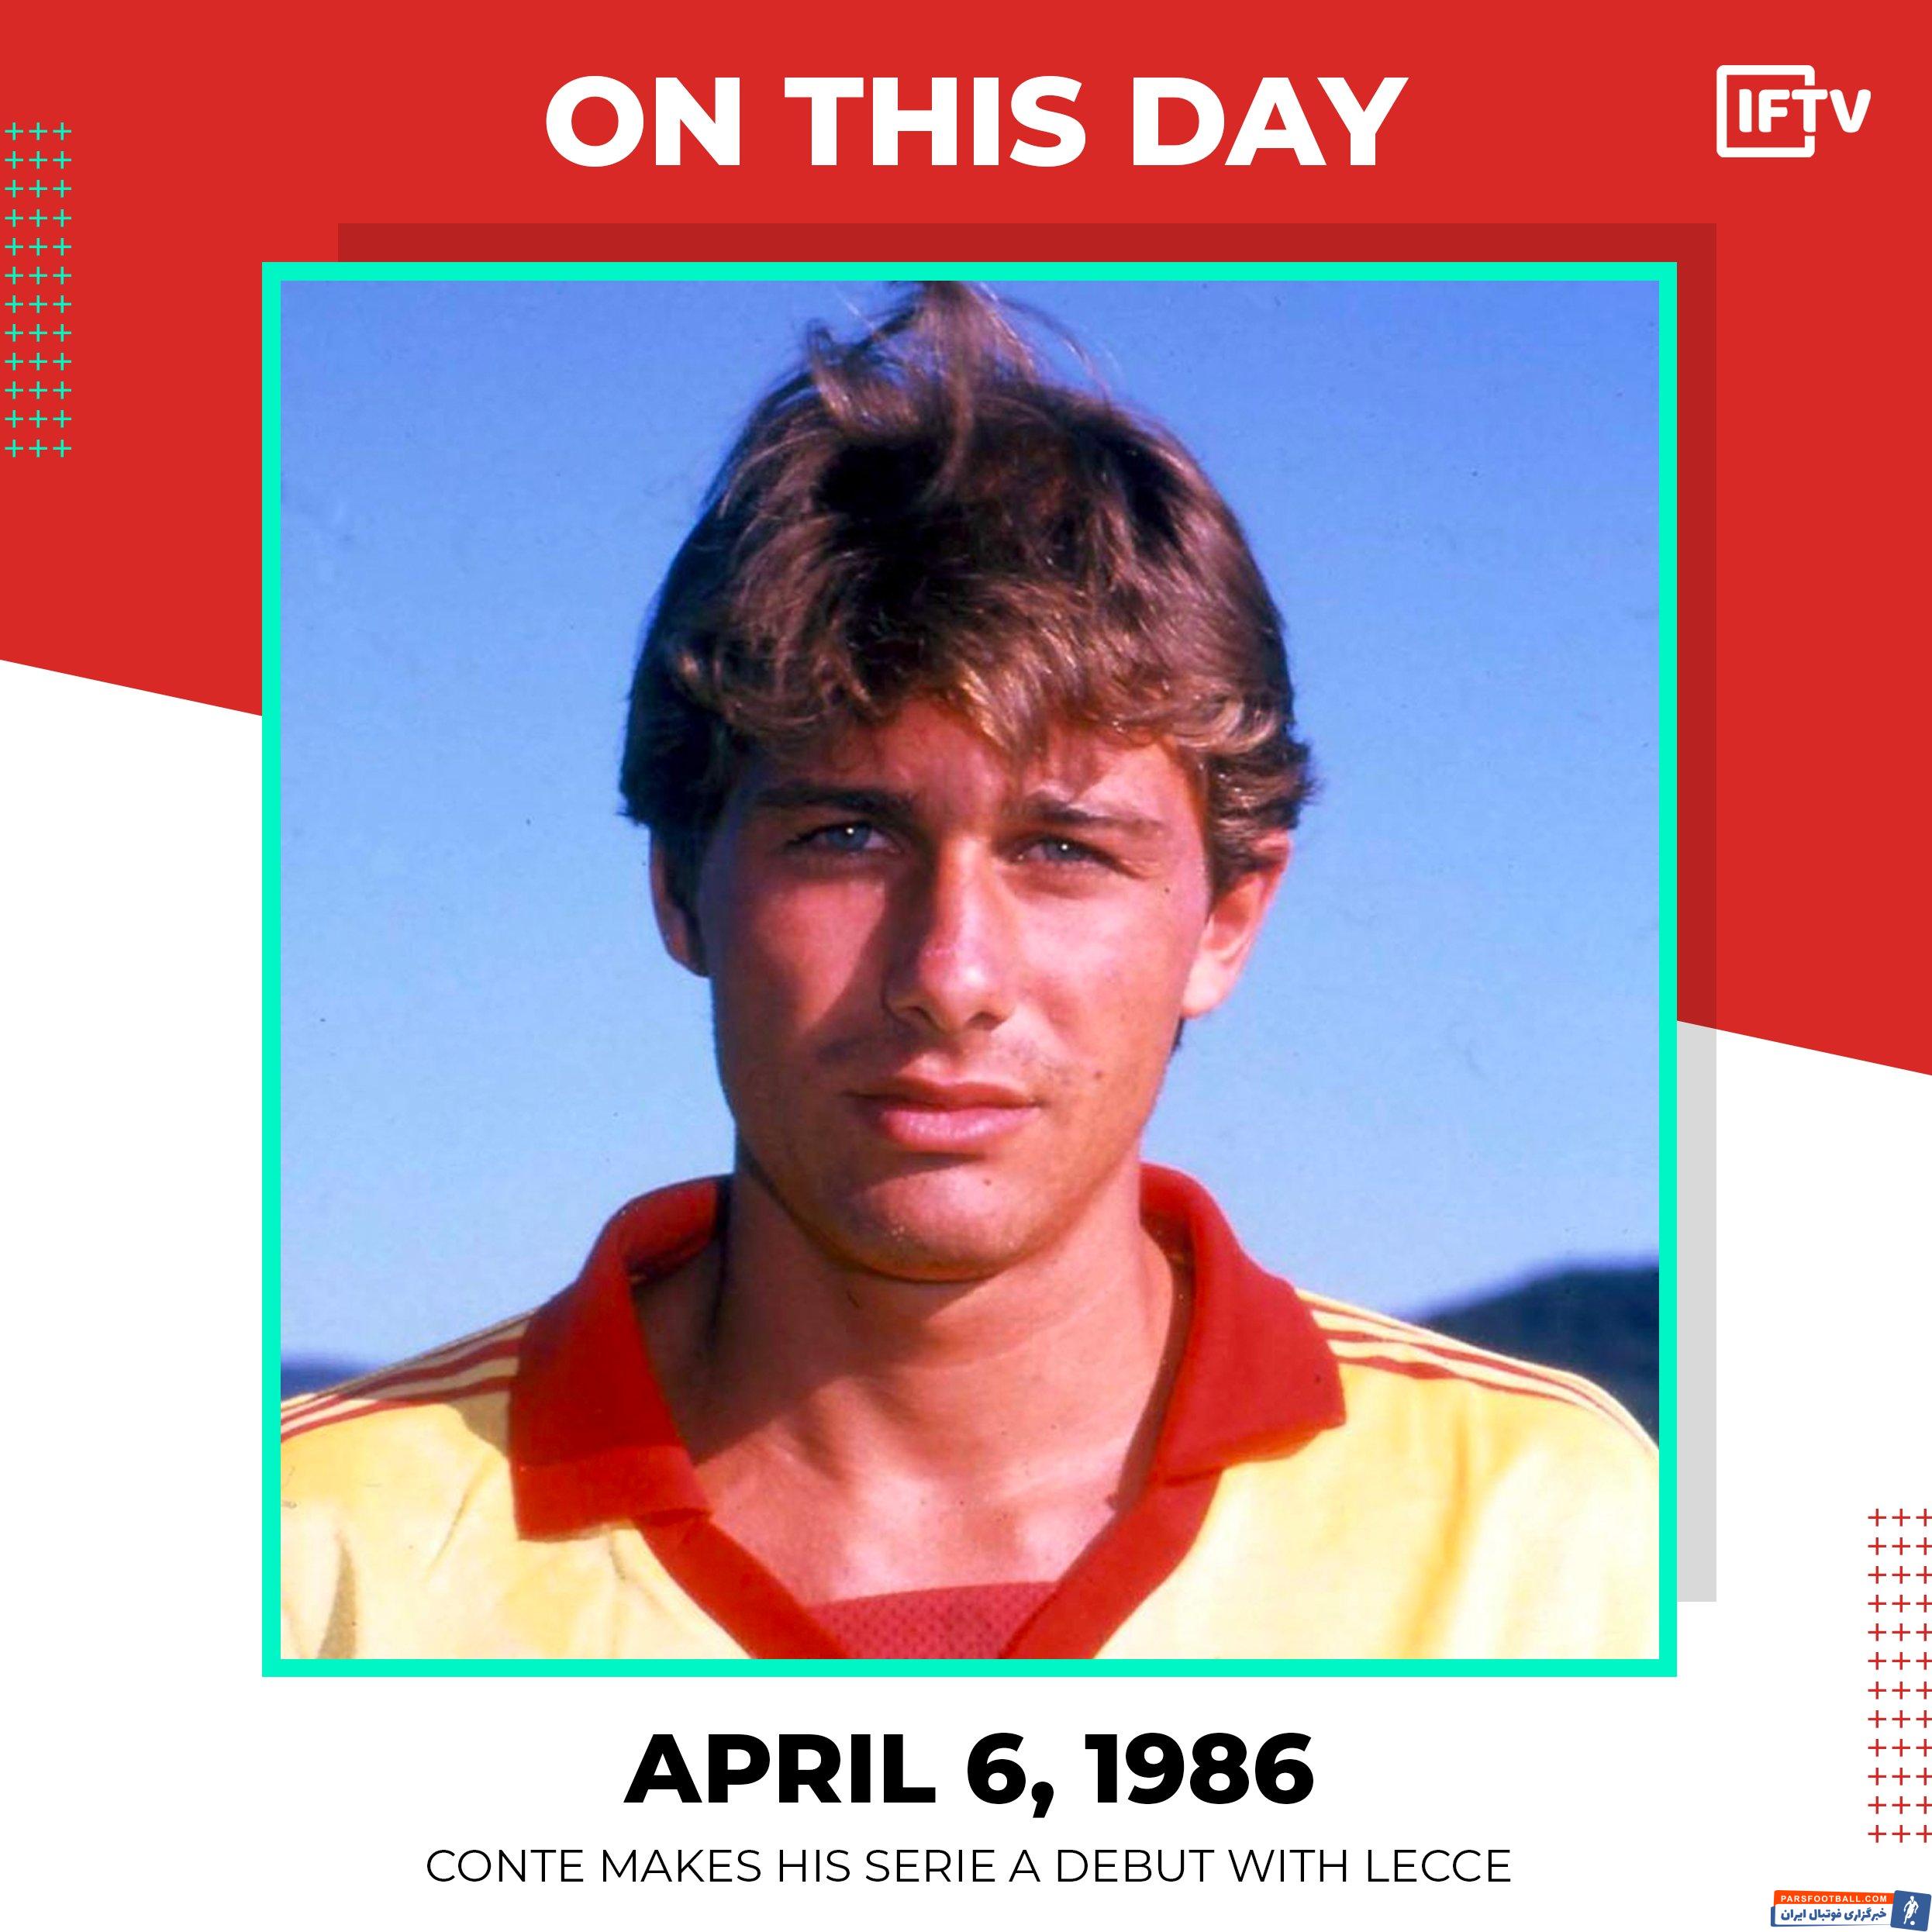 در سال 1986 در چنین روزی آنتونیو کونته اولین بازی خود را در سری آ و در ترکیب تیم لچه انجام داد کونته در سال ۱۹۹۱ به تیم یوونتوس پیوست .